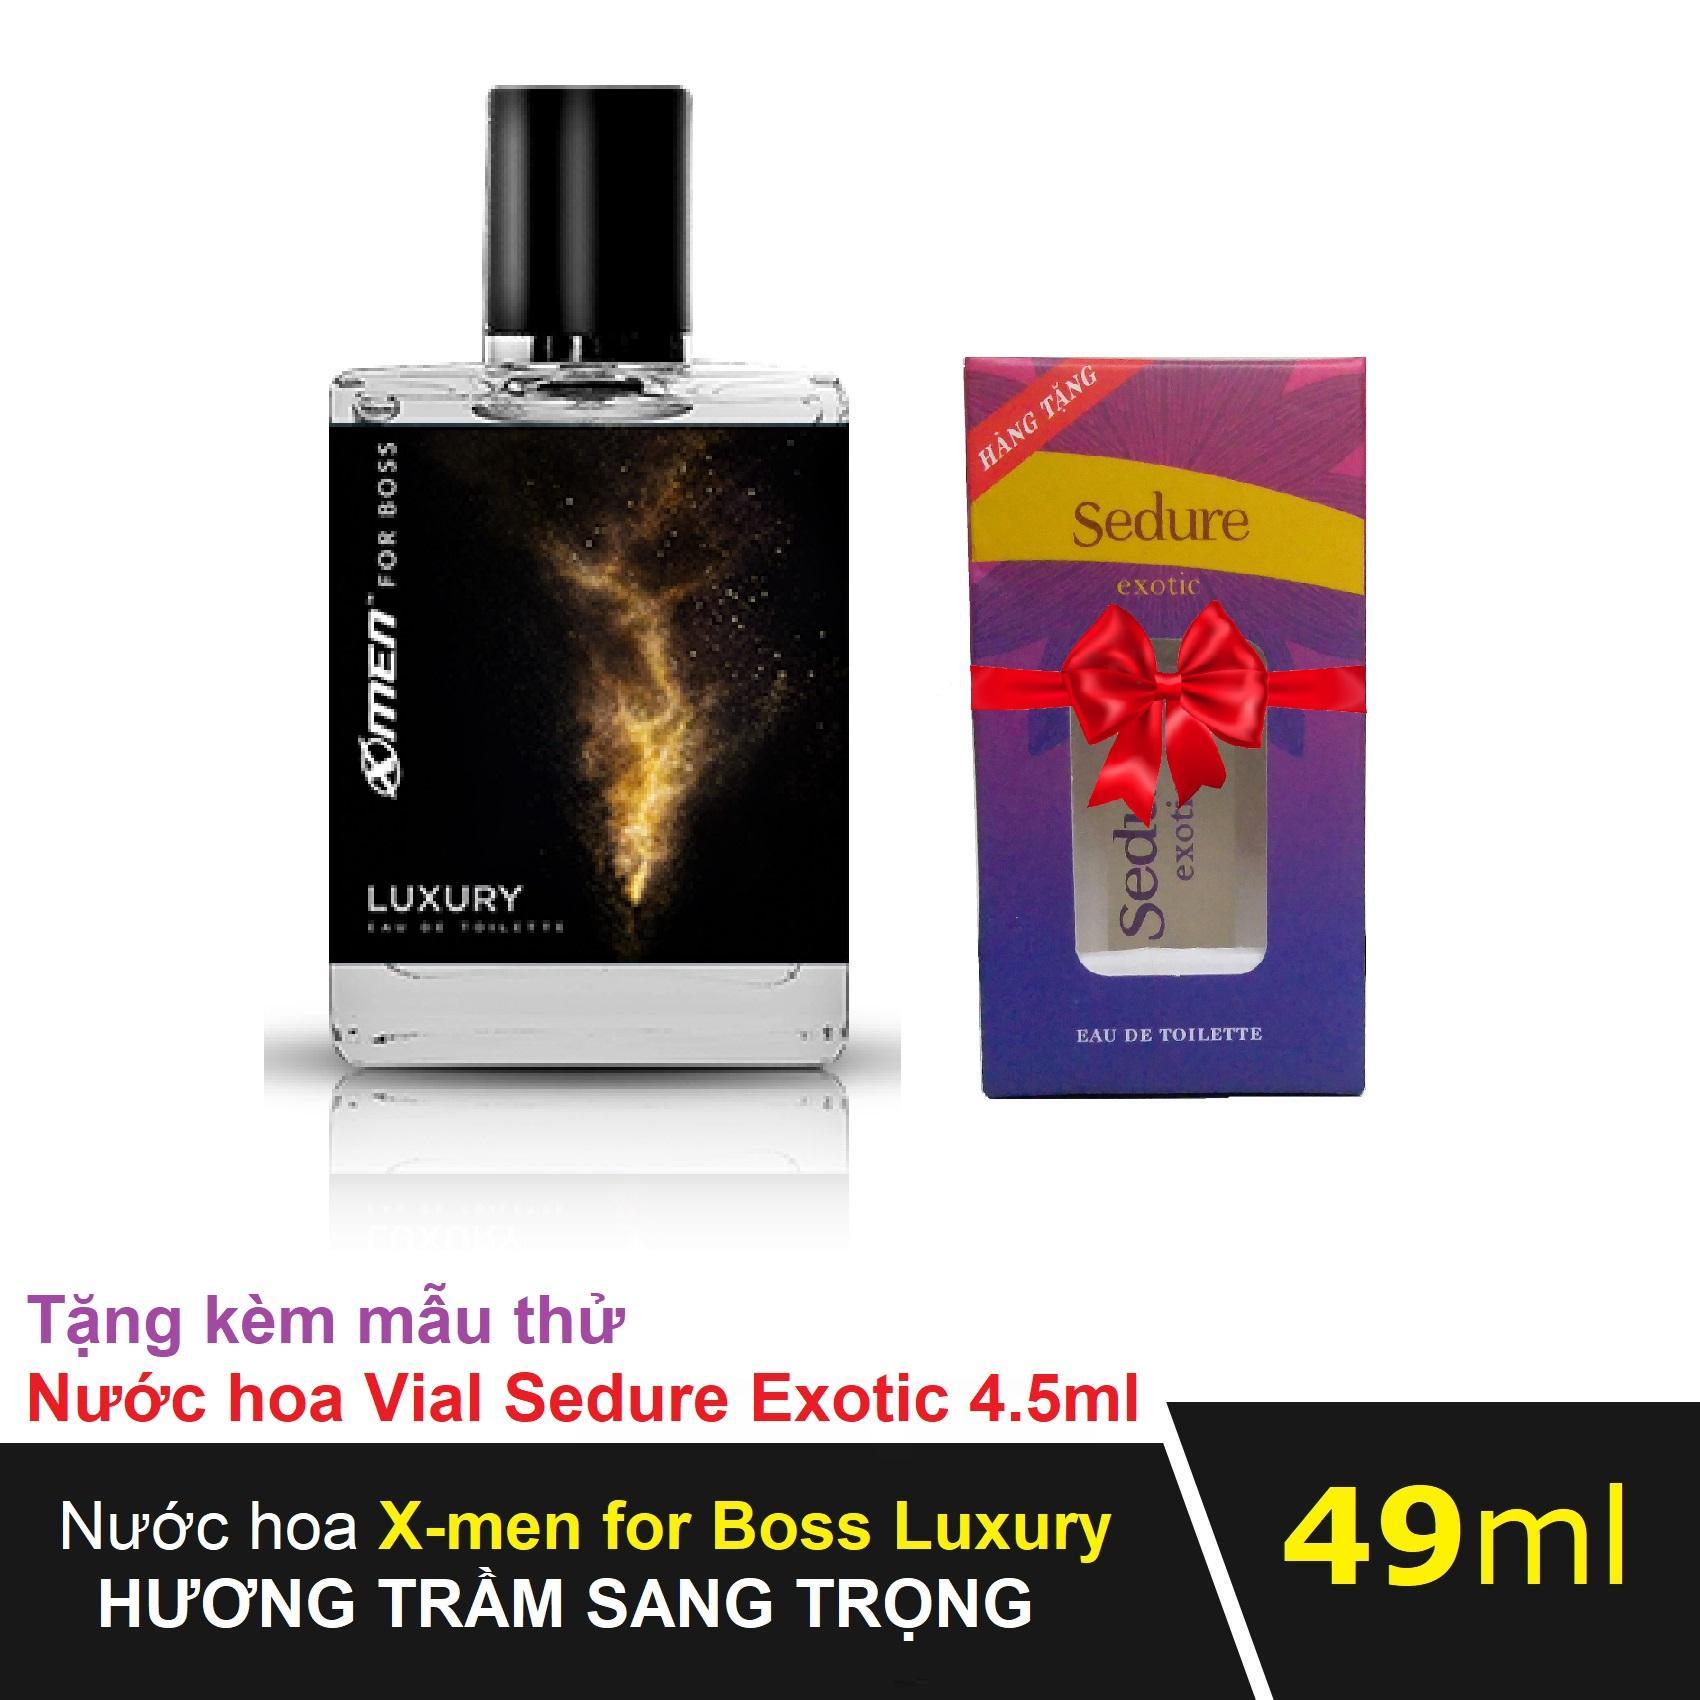 Nước hoa Xmen for Boss Luxury 49ml tặng kèm Nước hoa Vial Nữ Sedure Exotic 4.5ml hương thơm sang trọng cho cặp đôi